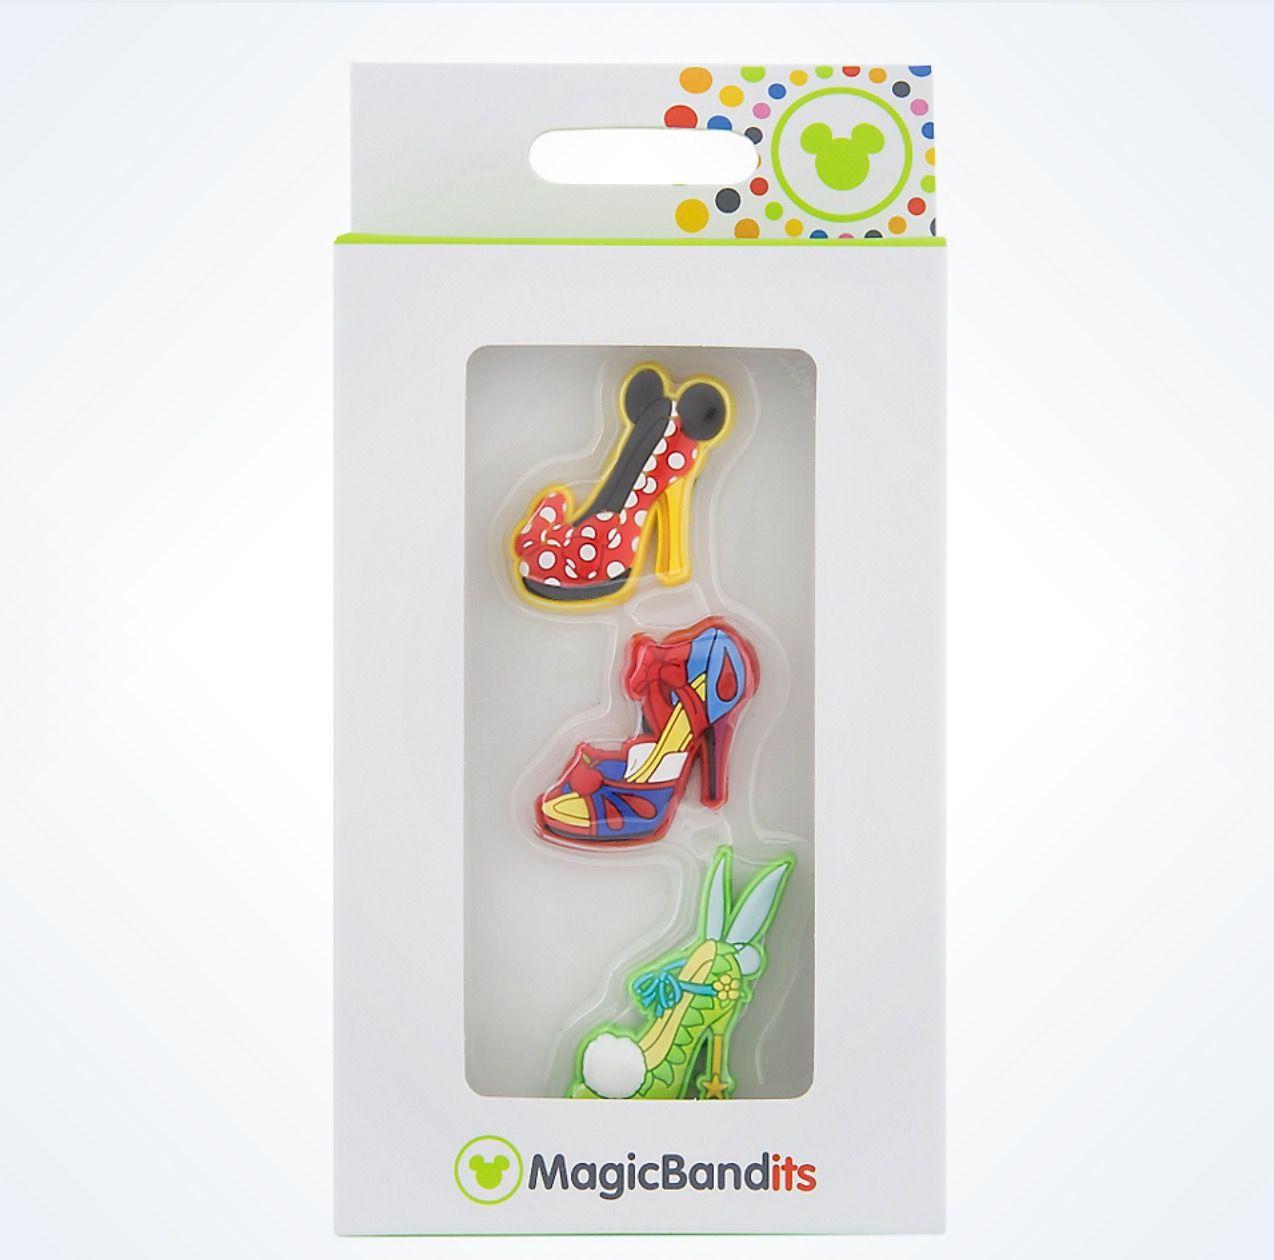 Magic BandIts